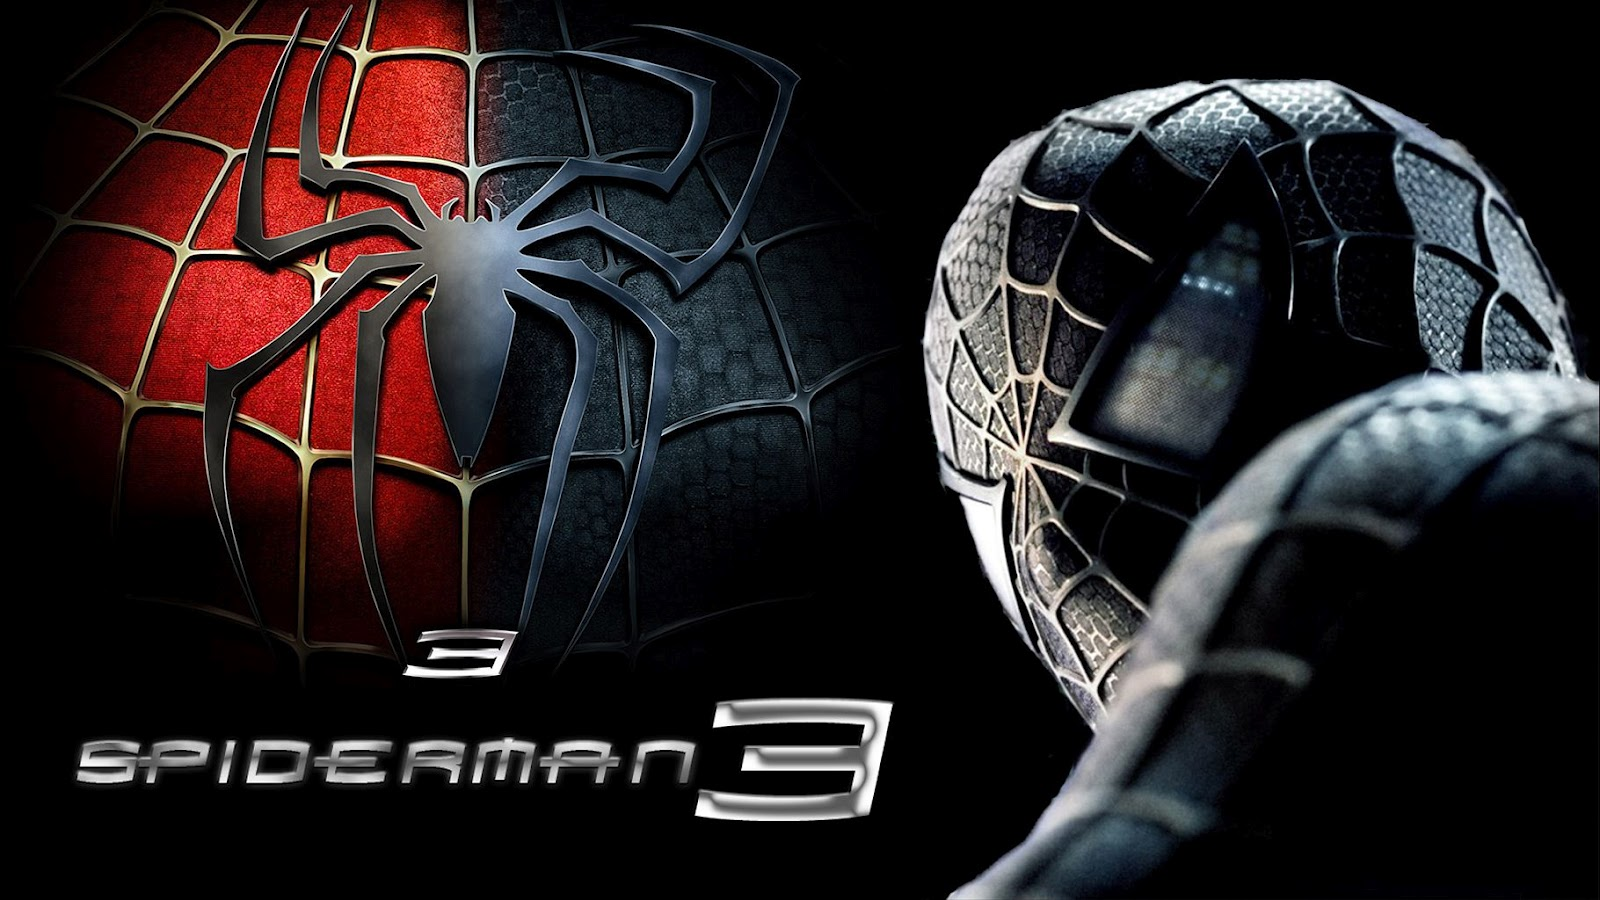 Film Spider Man 3 wallpaper HD Spider Man 3 achtergrond 1600x900